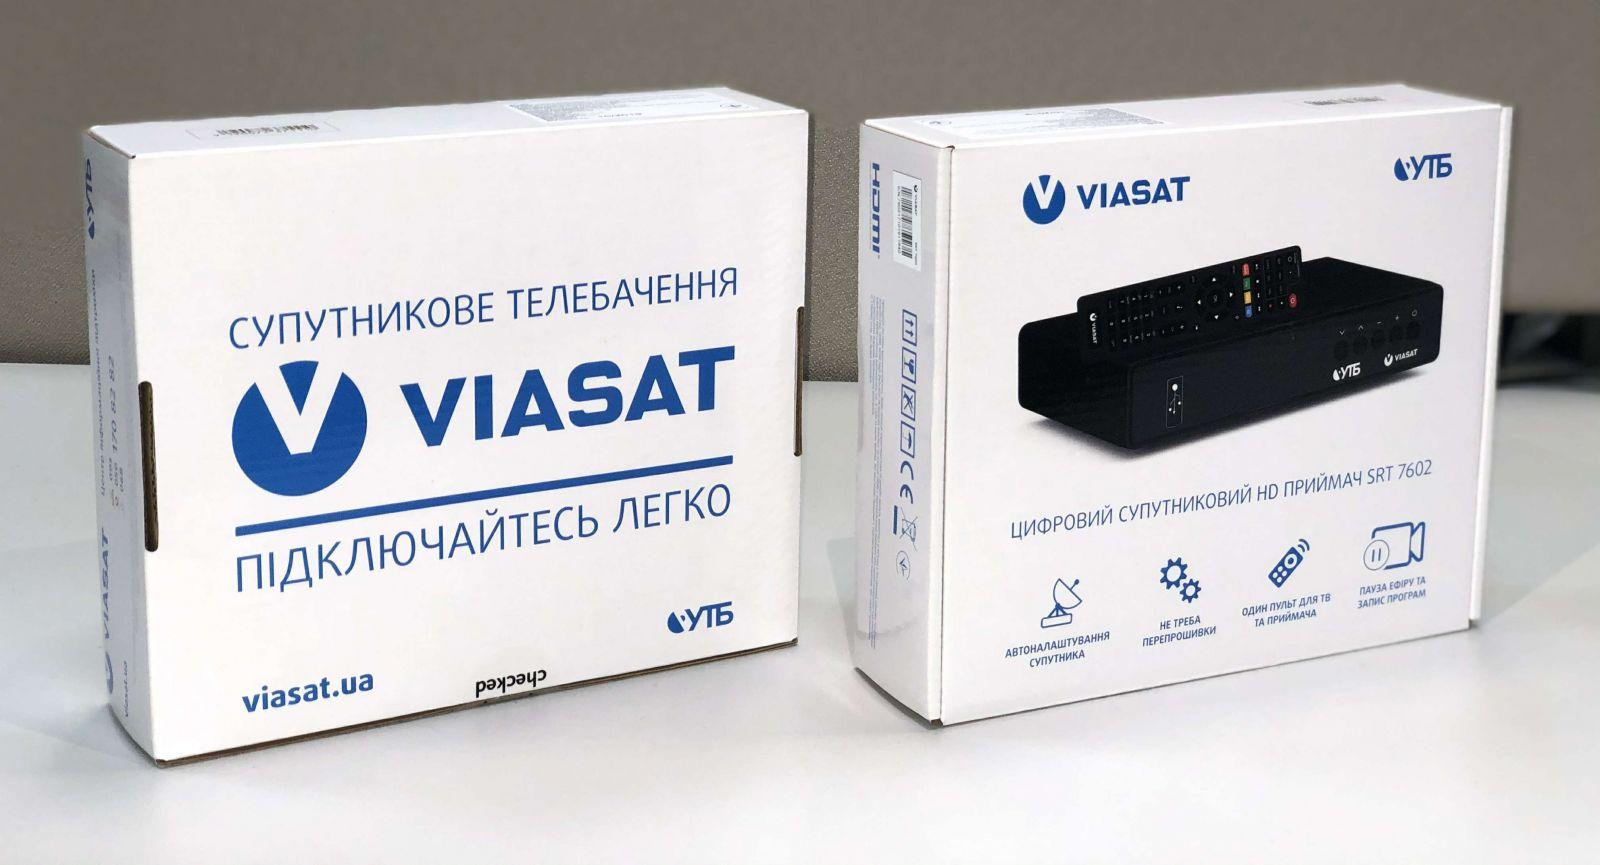 Viasat повідомляє про розширення лінійки обладнання для прийому закодованого сигналу супутника